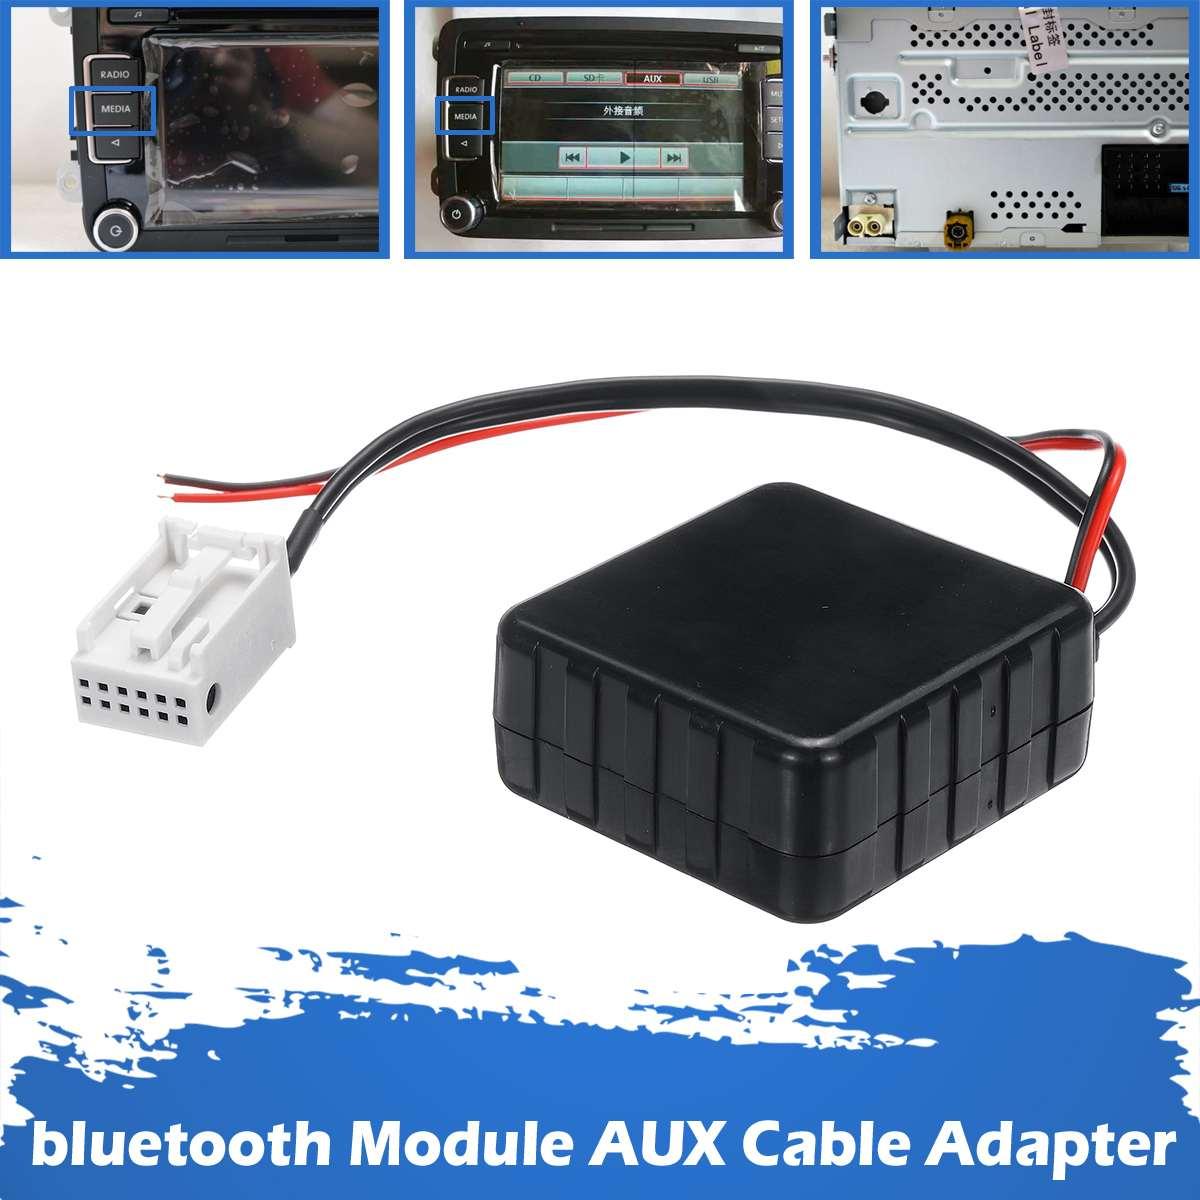 Черный беспроводной автомобильный модуль bluetooth 5,0 5-12 В, вспомогательный кабель, адаптер для VW RCD510 300 + 310 + CD-хост-устройства